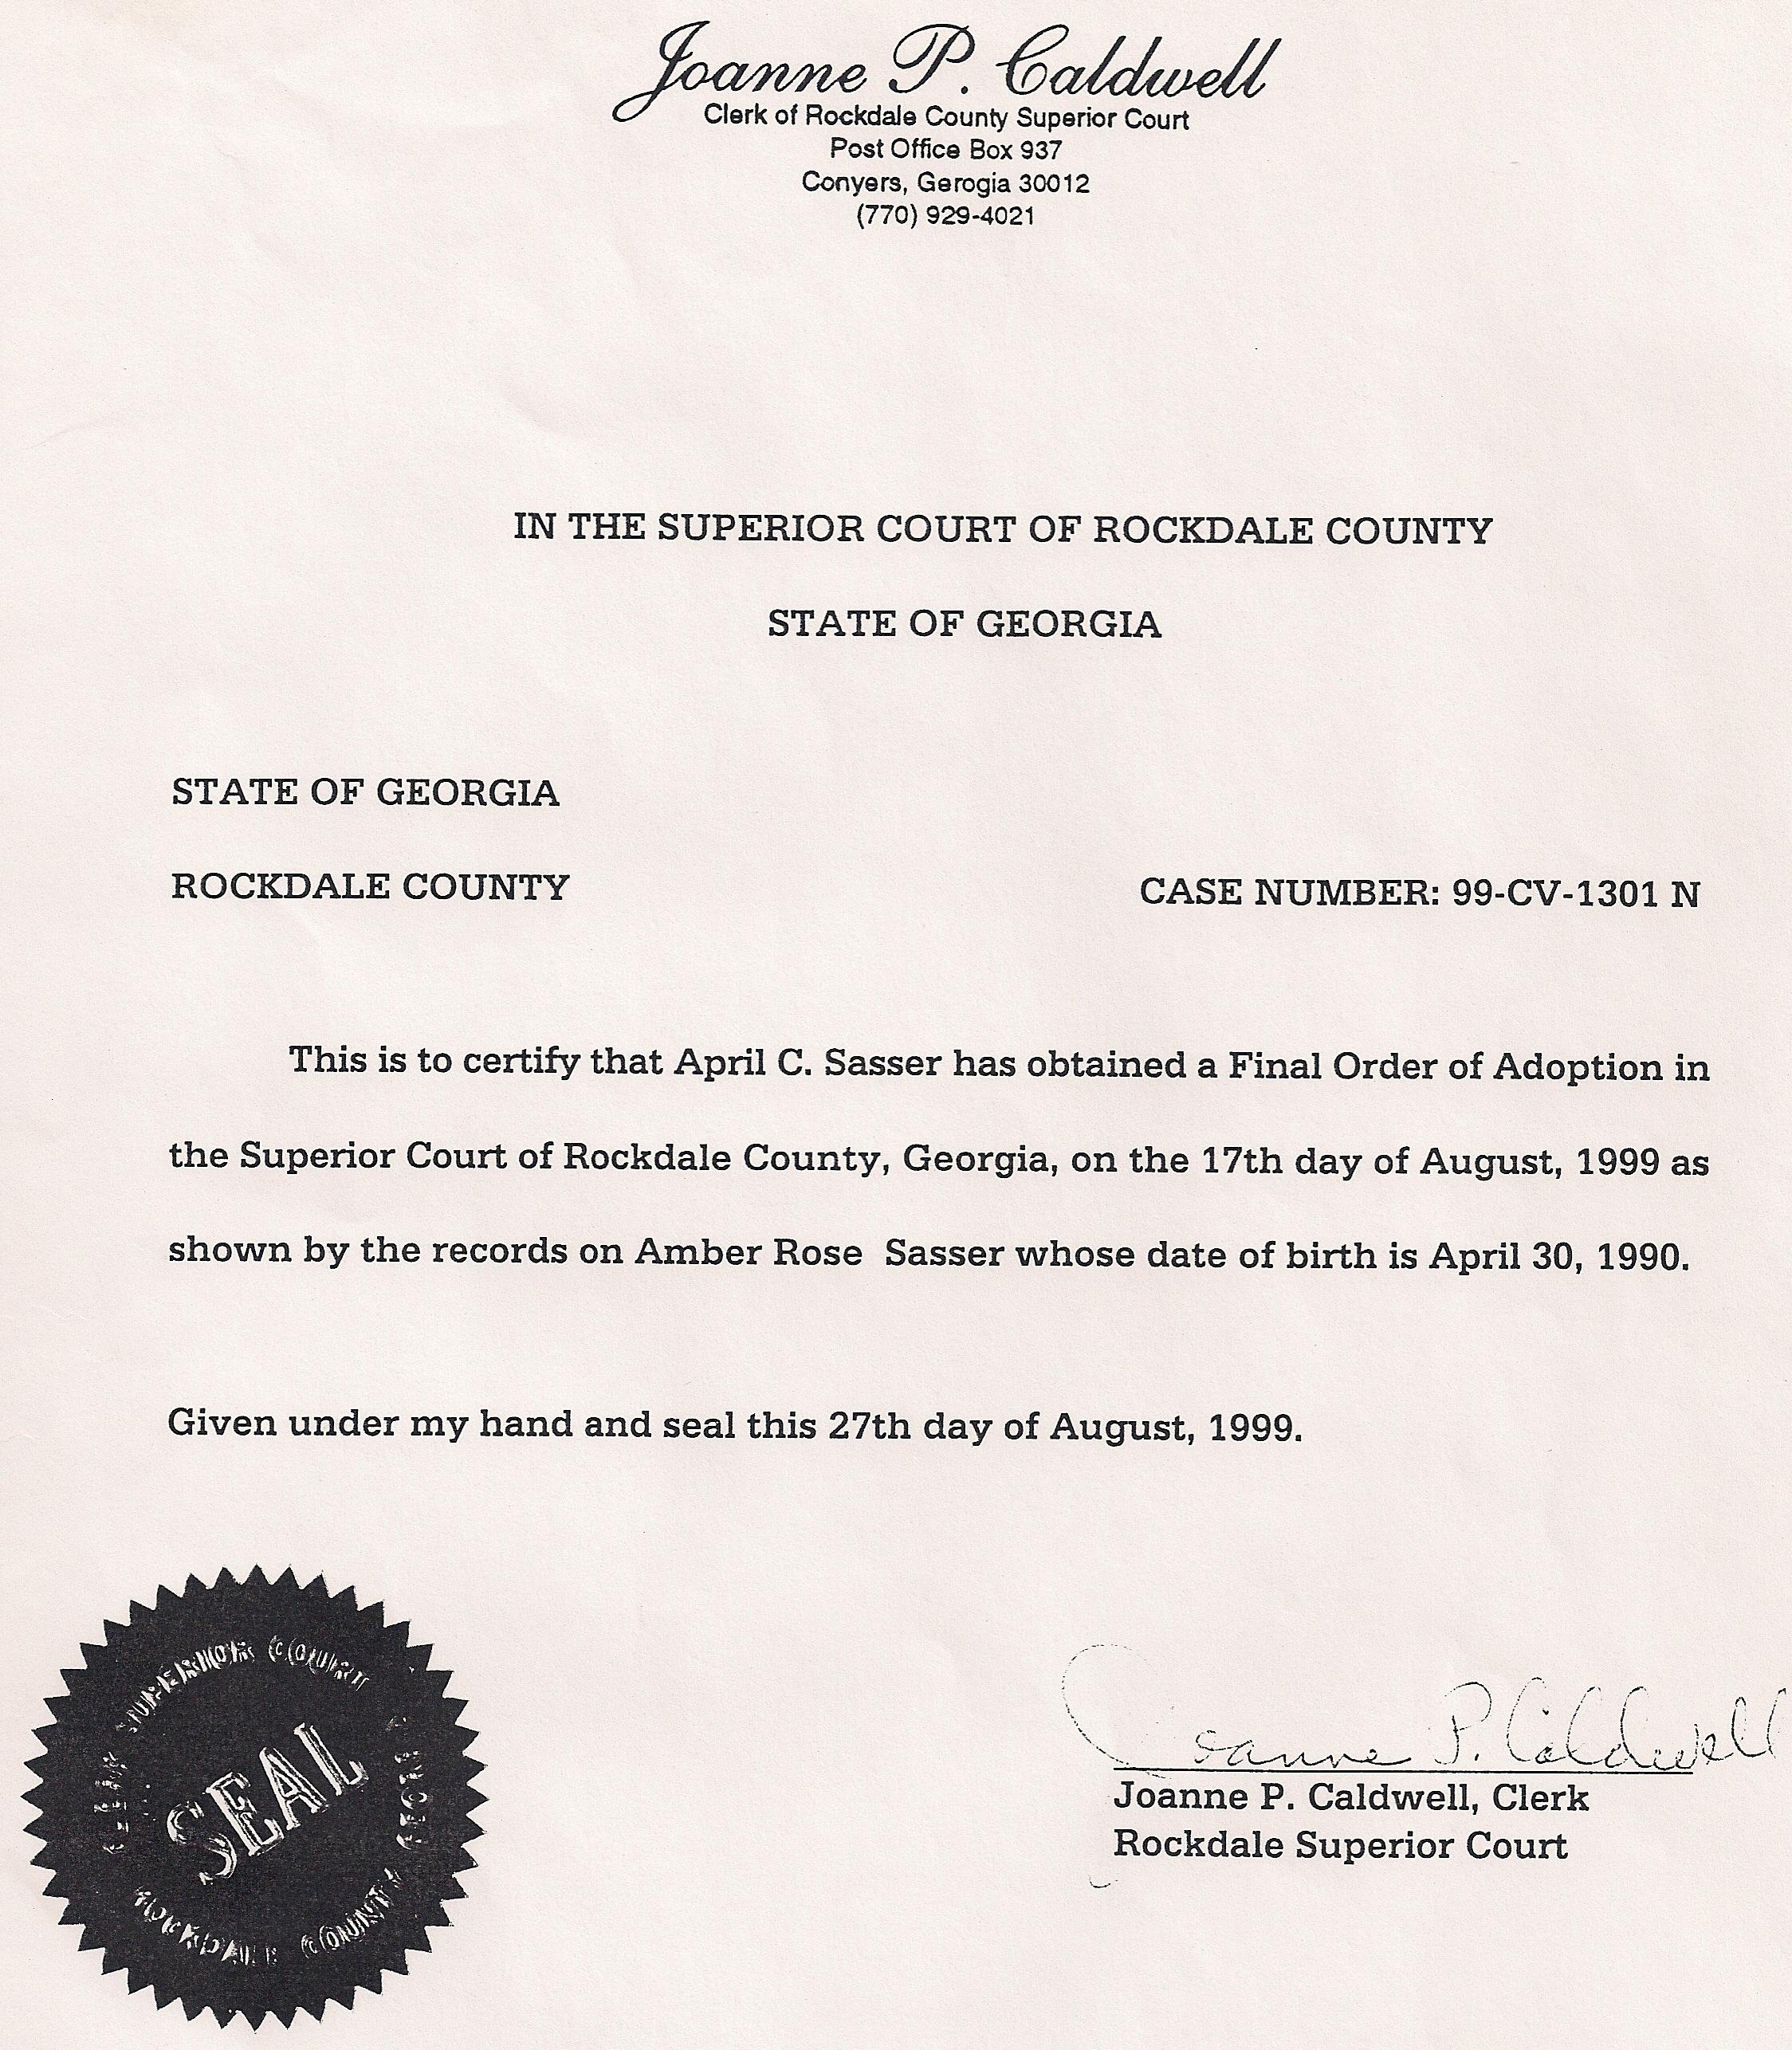 Judicial Documentation